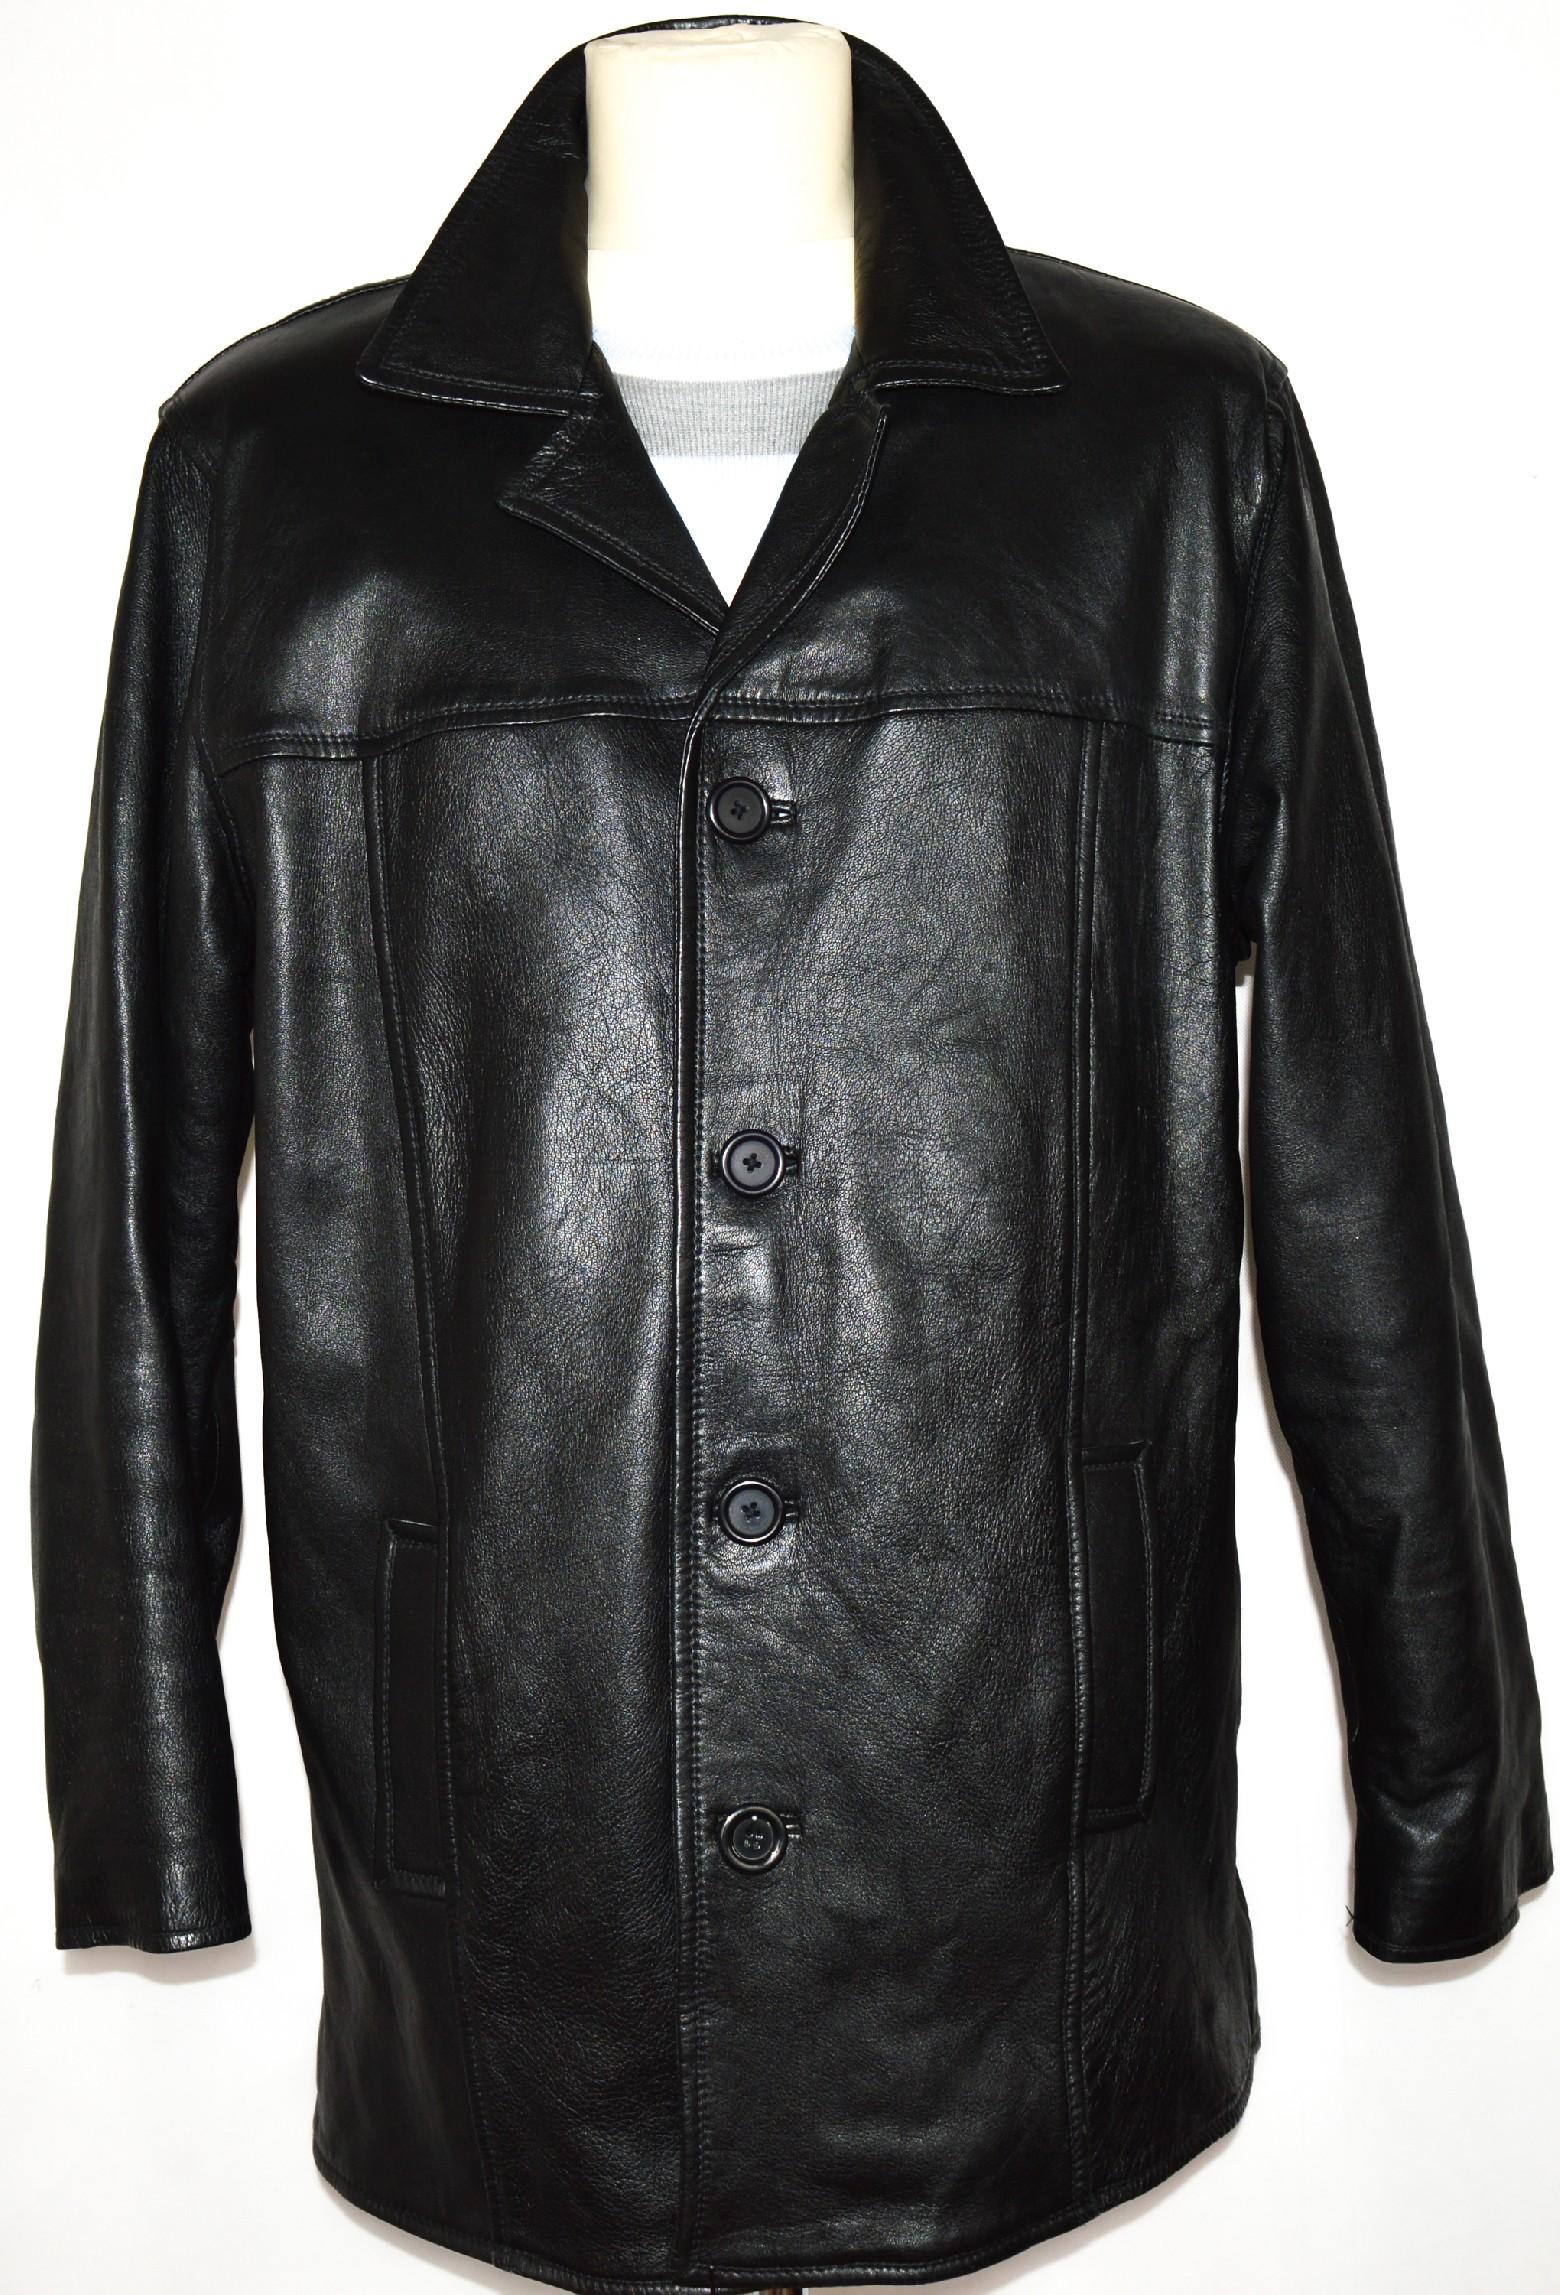 KOŽENÁ pánská měkká černá bunda MDK vel. L